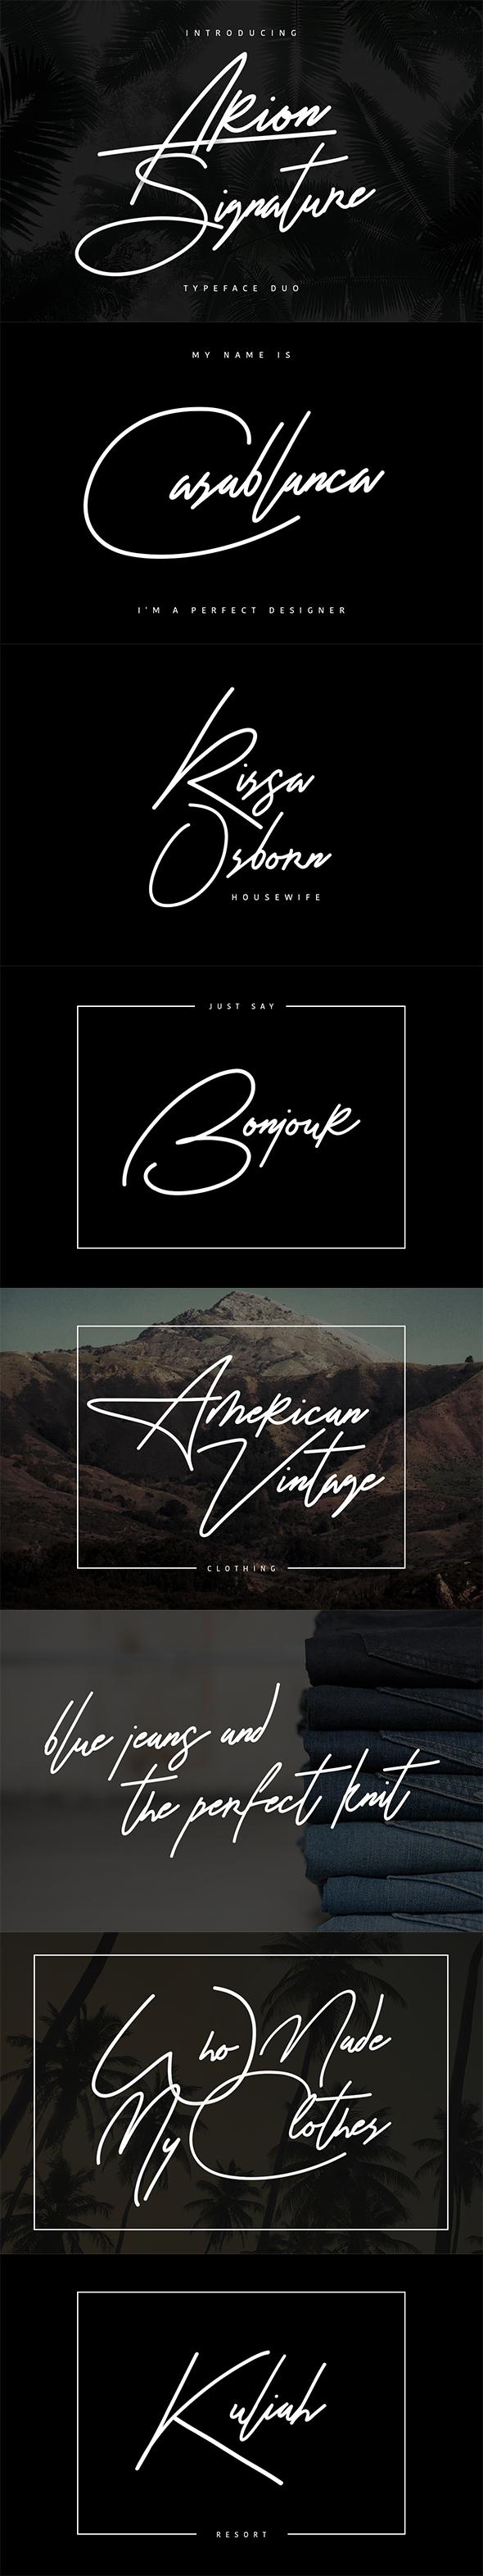 Arion Signature Typeface - Calligraphy Script